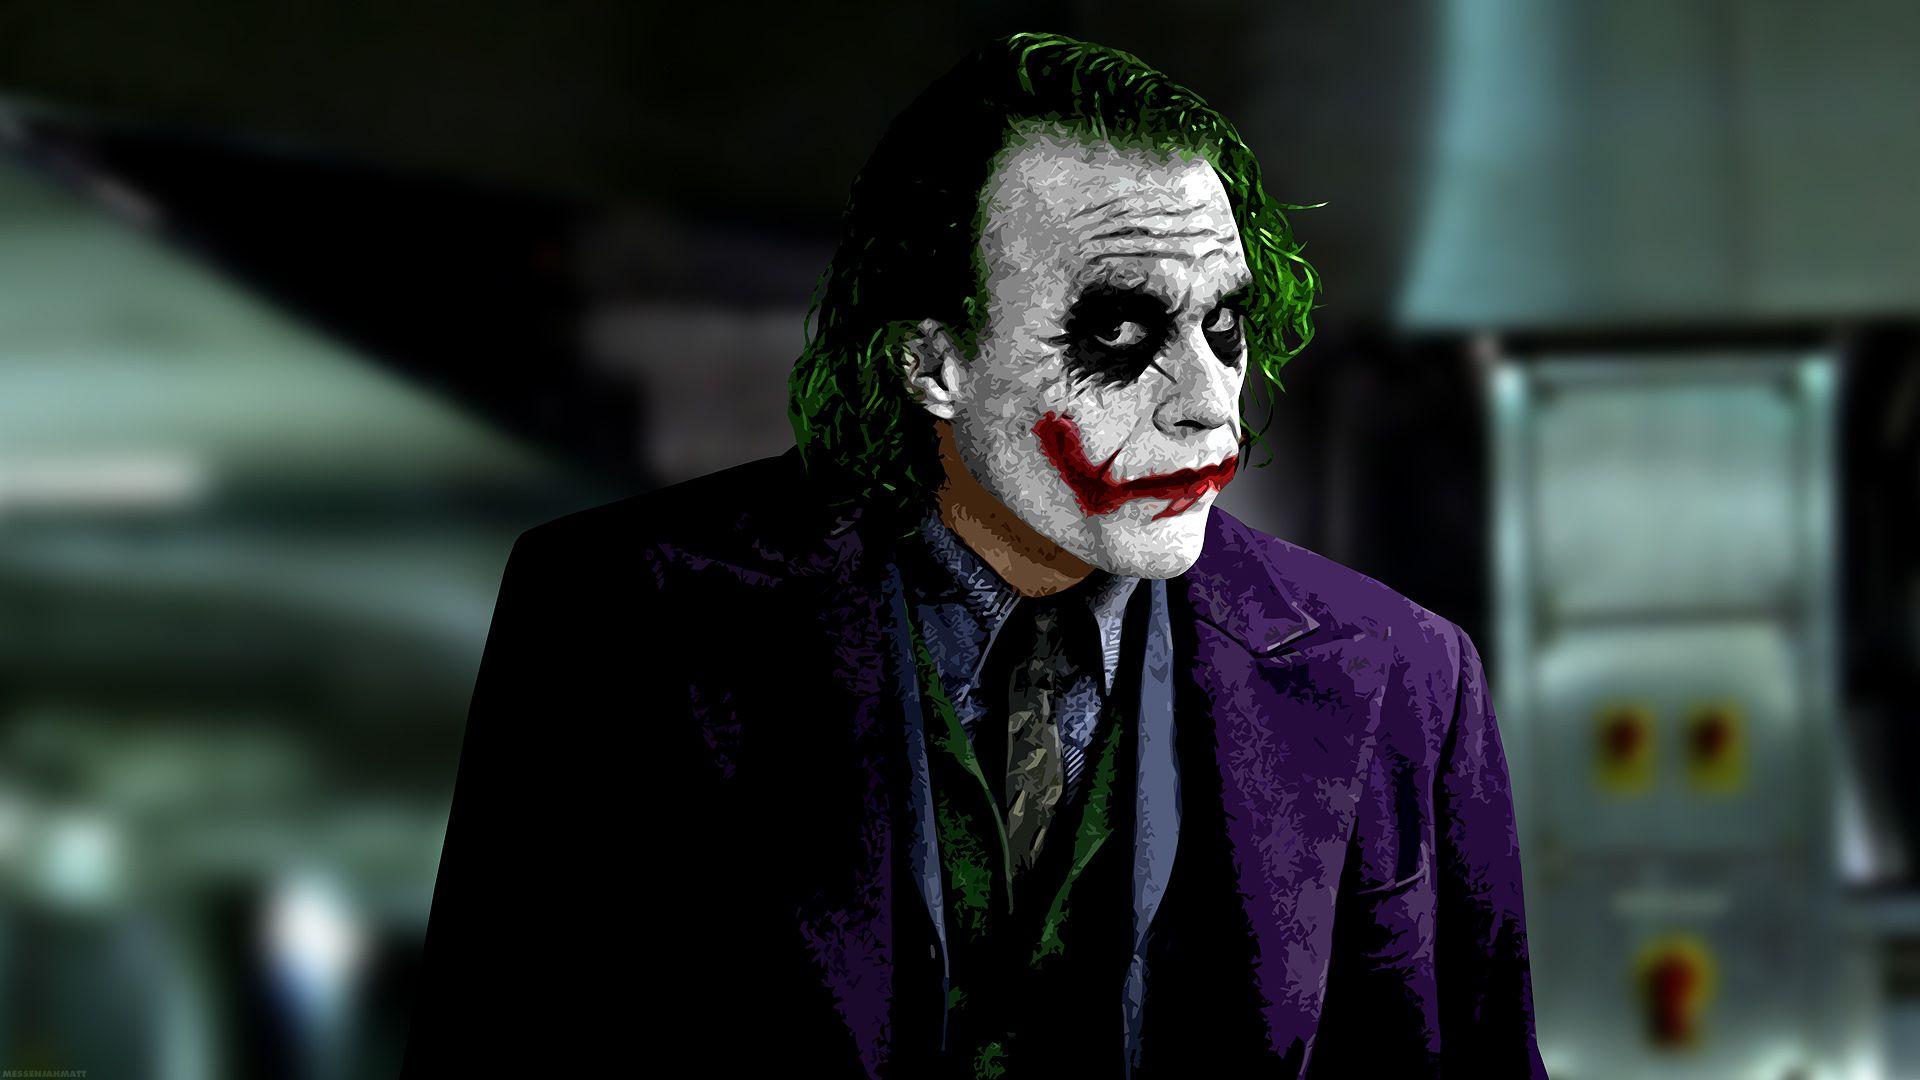 Batman Movies The Joker Batman The Dark Knight 1920x1080